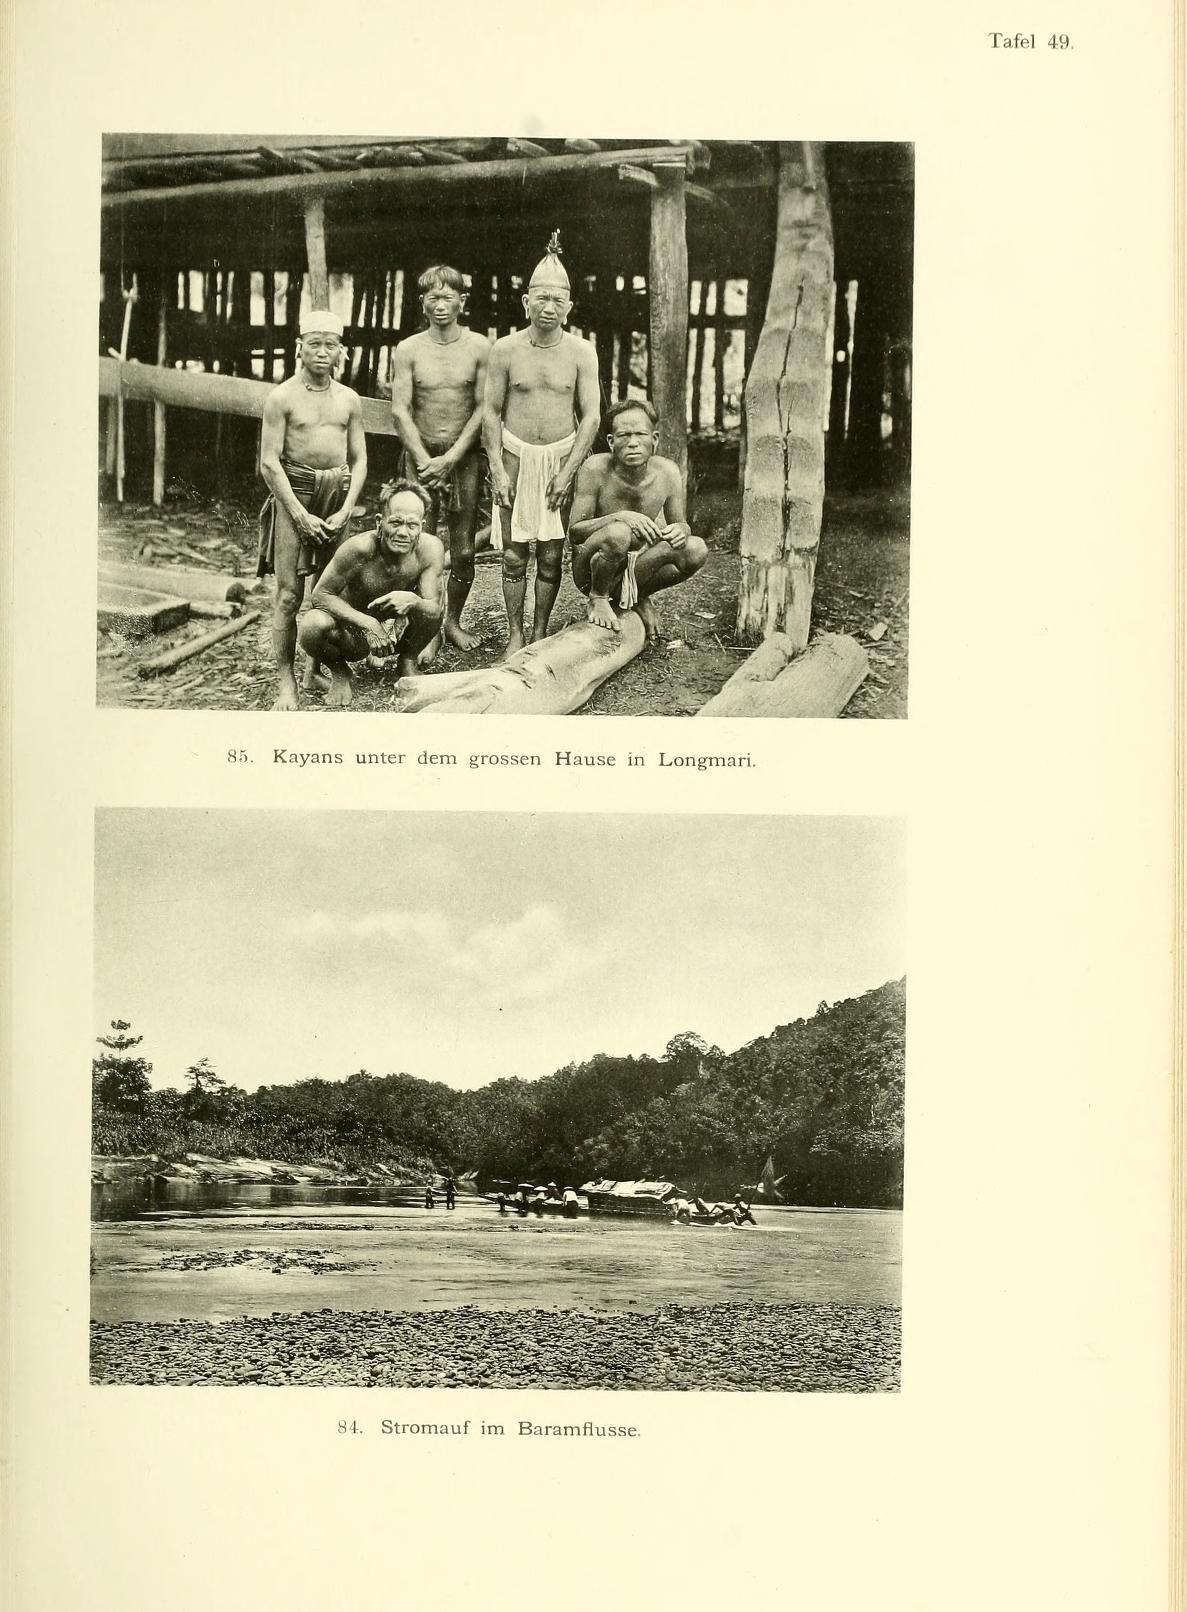 22.Bd. (1896) plates - Abhandlungen der Senckenbergischen Naturforschenden Gesellschaft. - Biodiversity Heritage Library